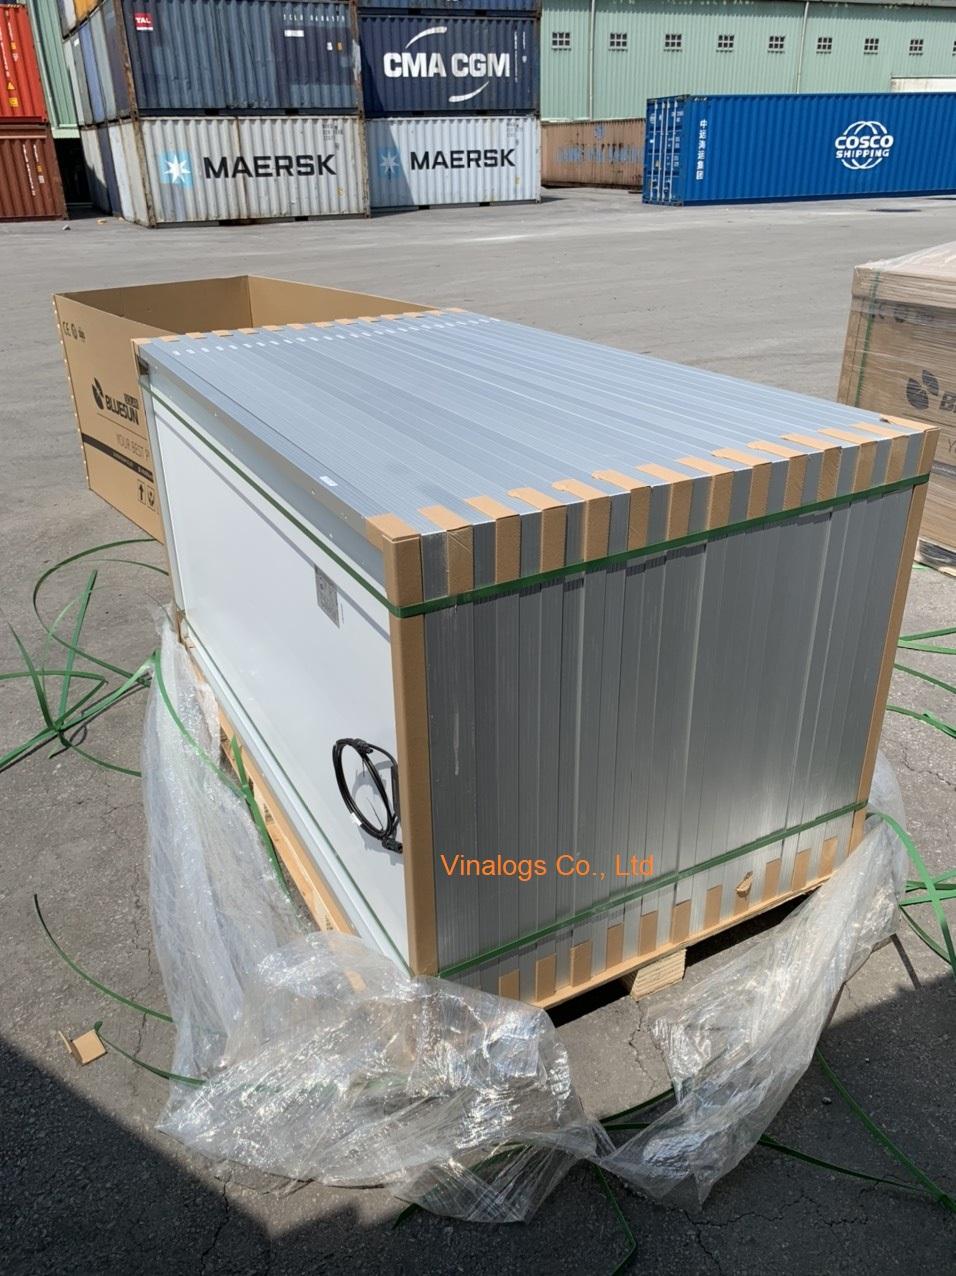 Lô hàng tấm pin mặt trời nhập khẩu tại cảng